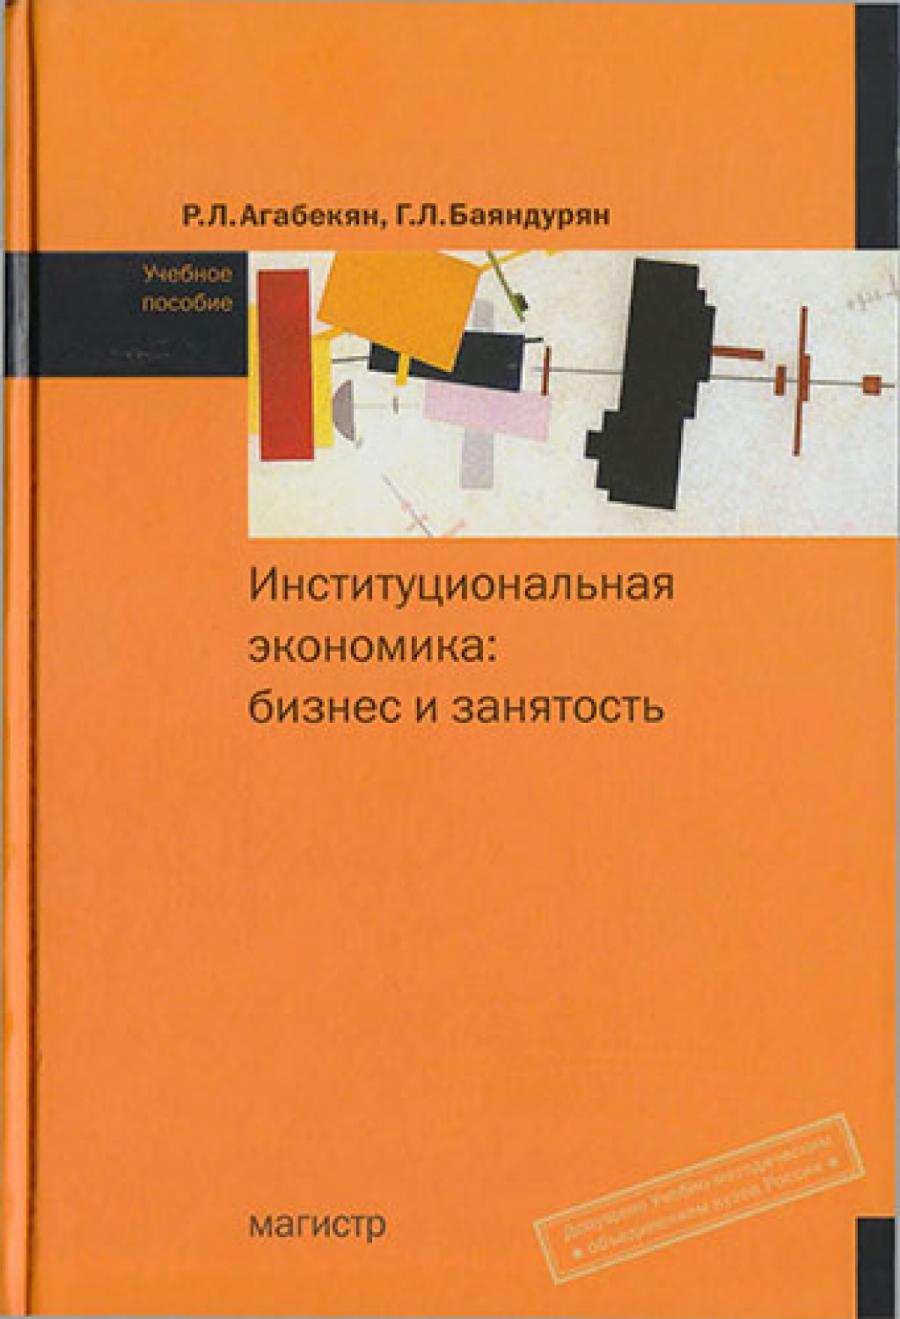 Обложка книги:  агабекян р.л., баяндурян г.л. - институциональная экономика. бизнес и занятость